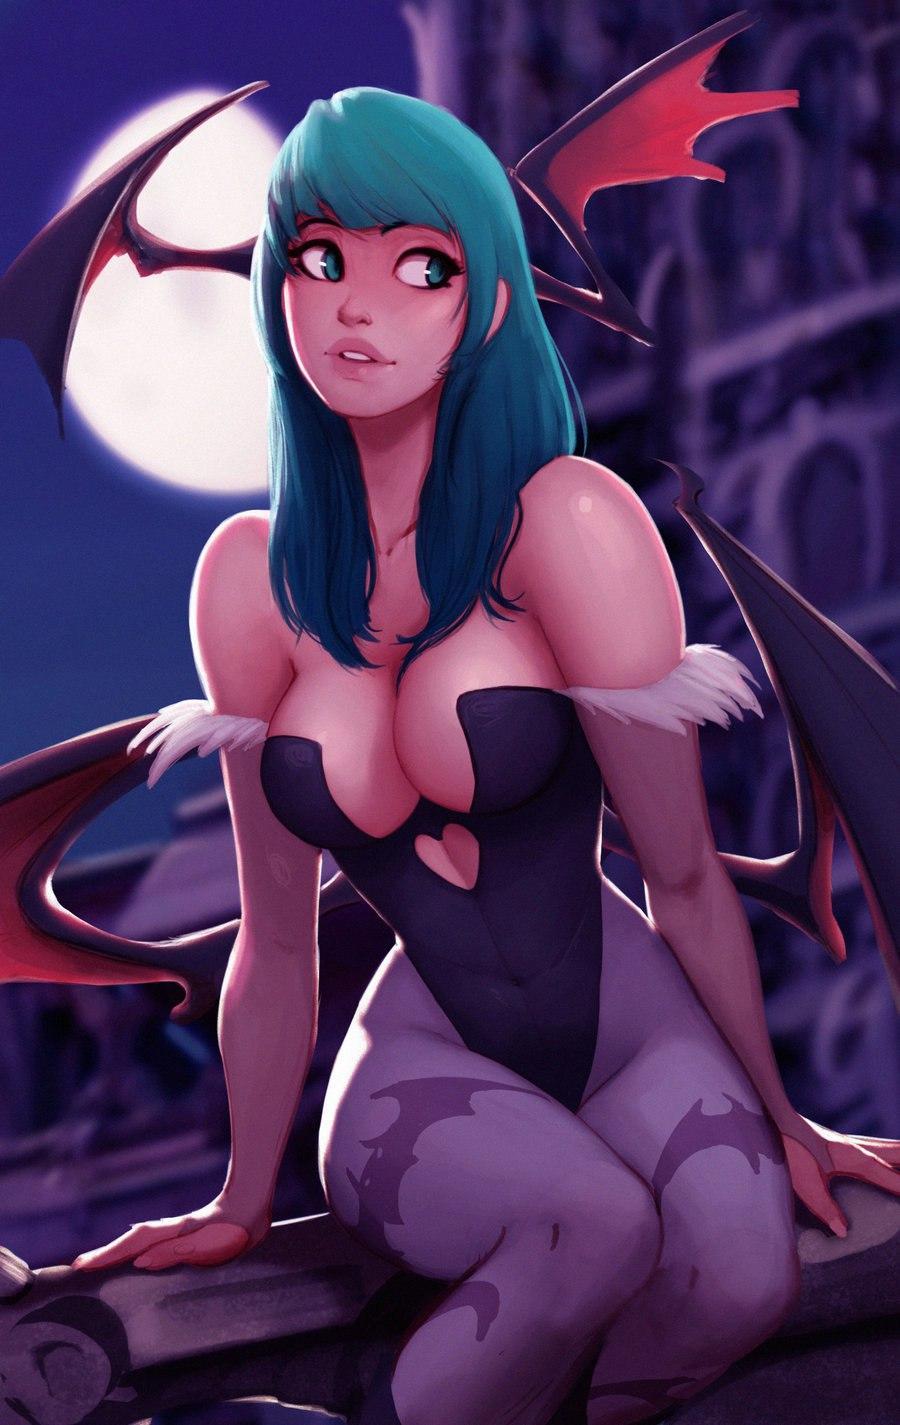 Арт на милую Морриган из игры DarkStalkers (Raichiyo33)